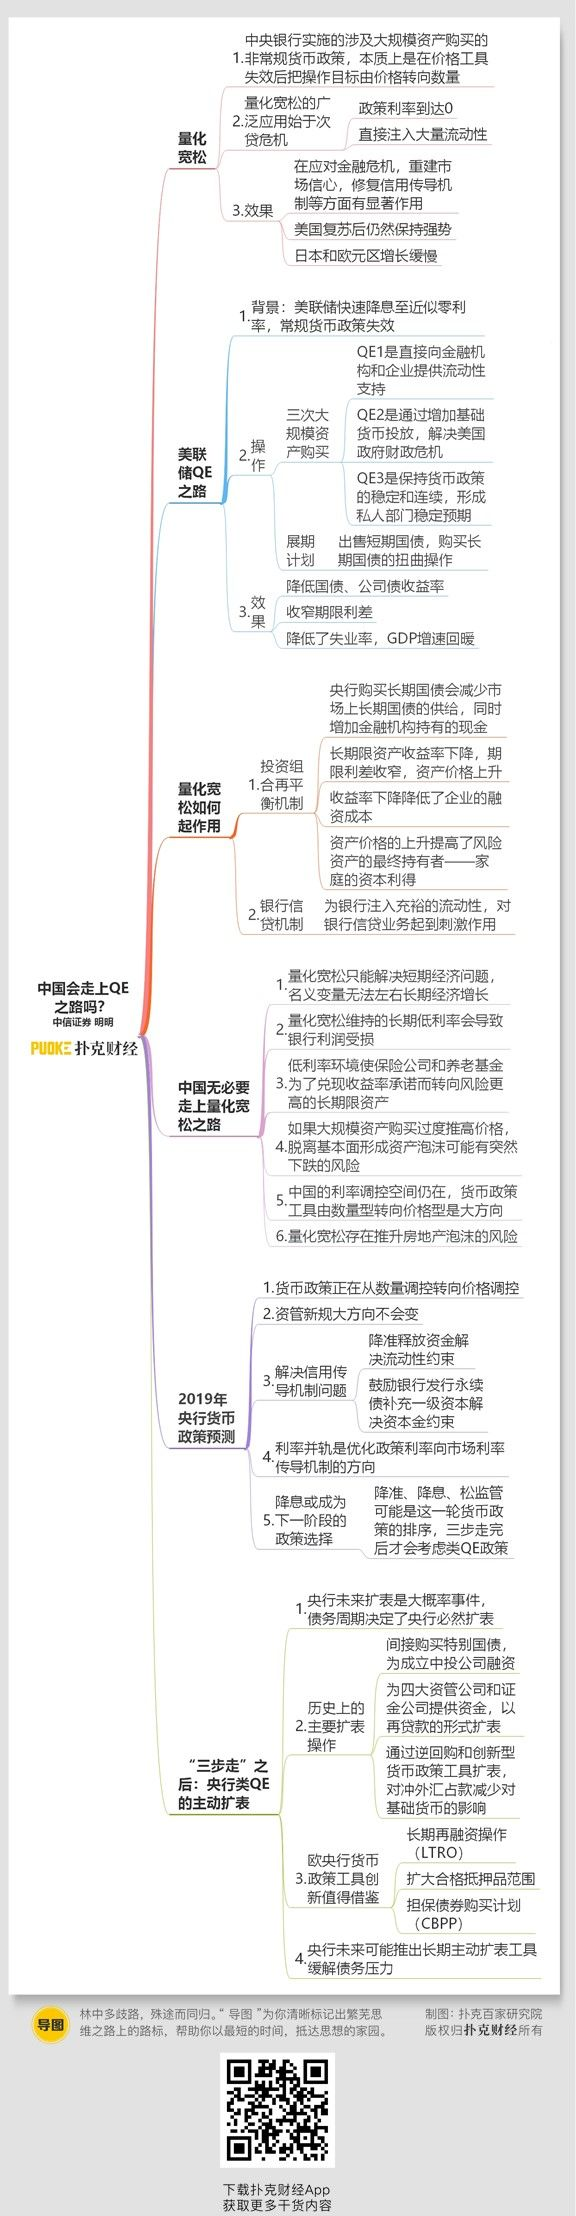 宏观  中国会走上qe之路吗?(思维导图收藏版)图片